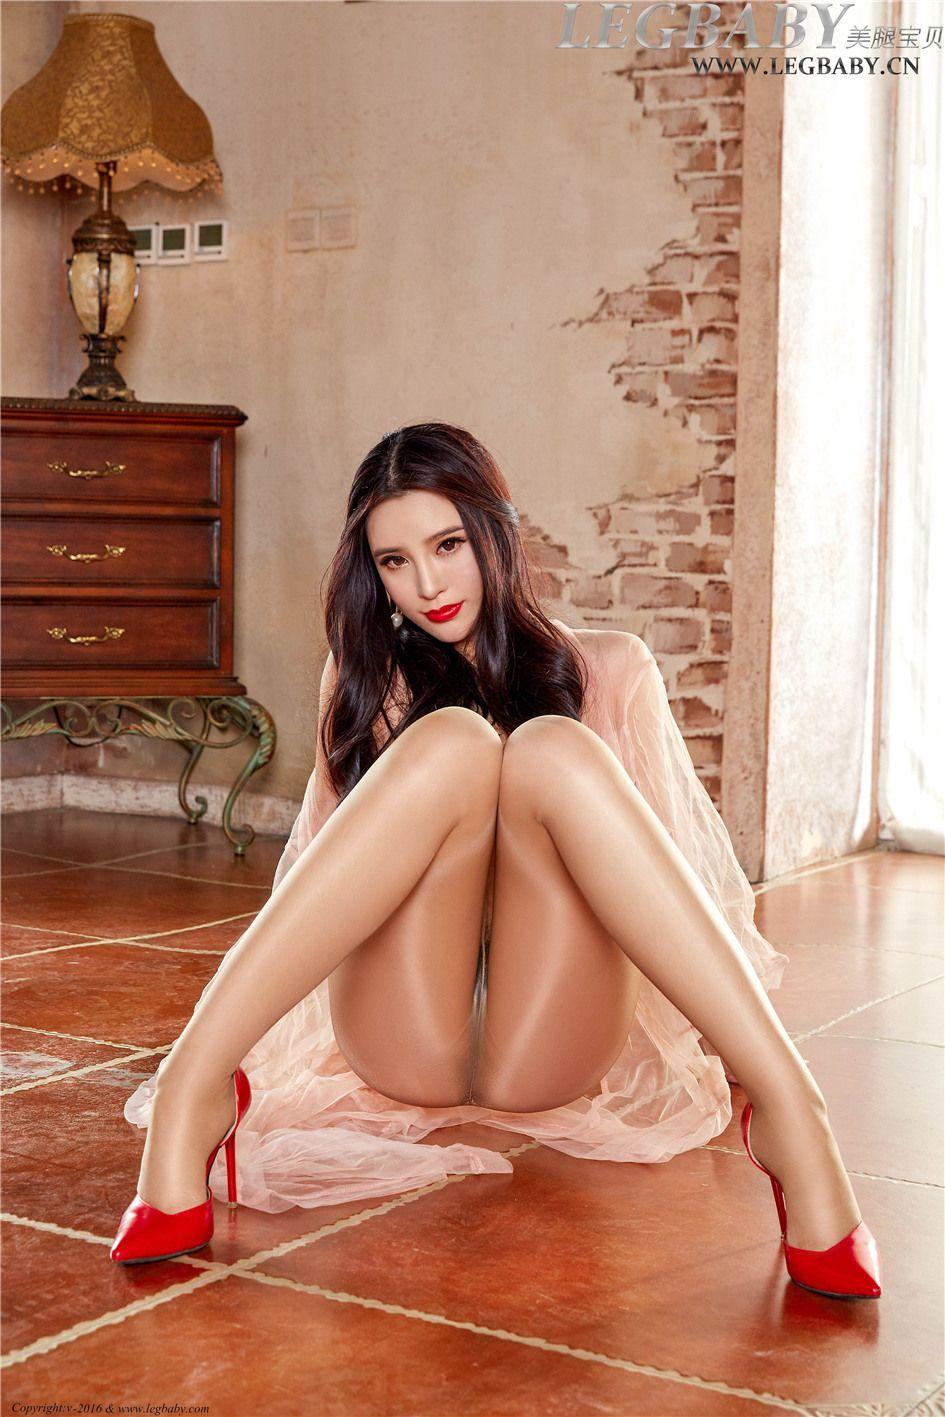 [美腿宝贝] 淡灰色丝袜美女莹莹古堡蕾丝女仆装  NO.00